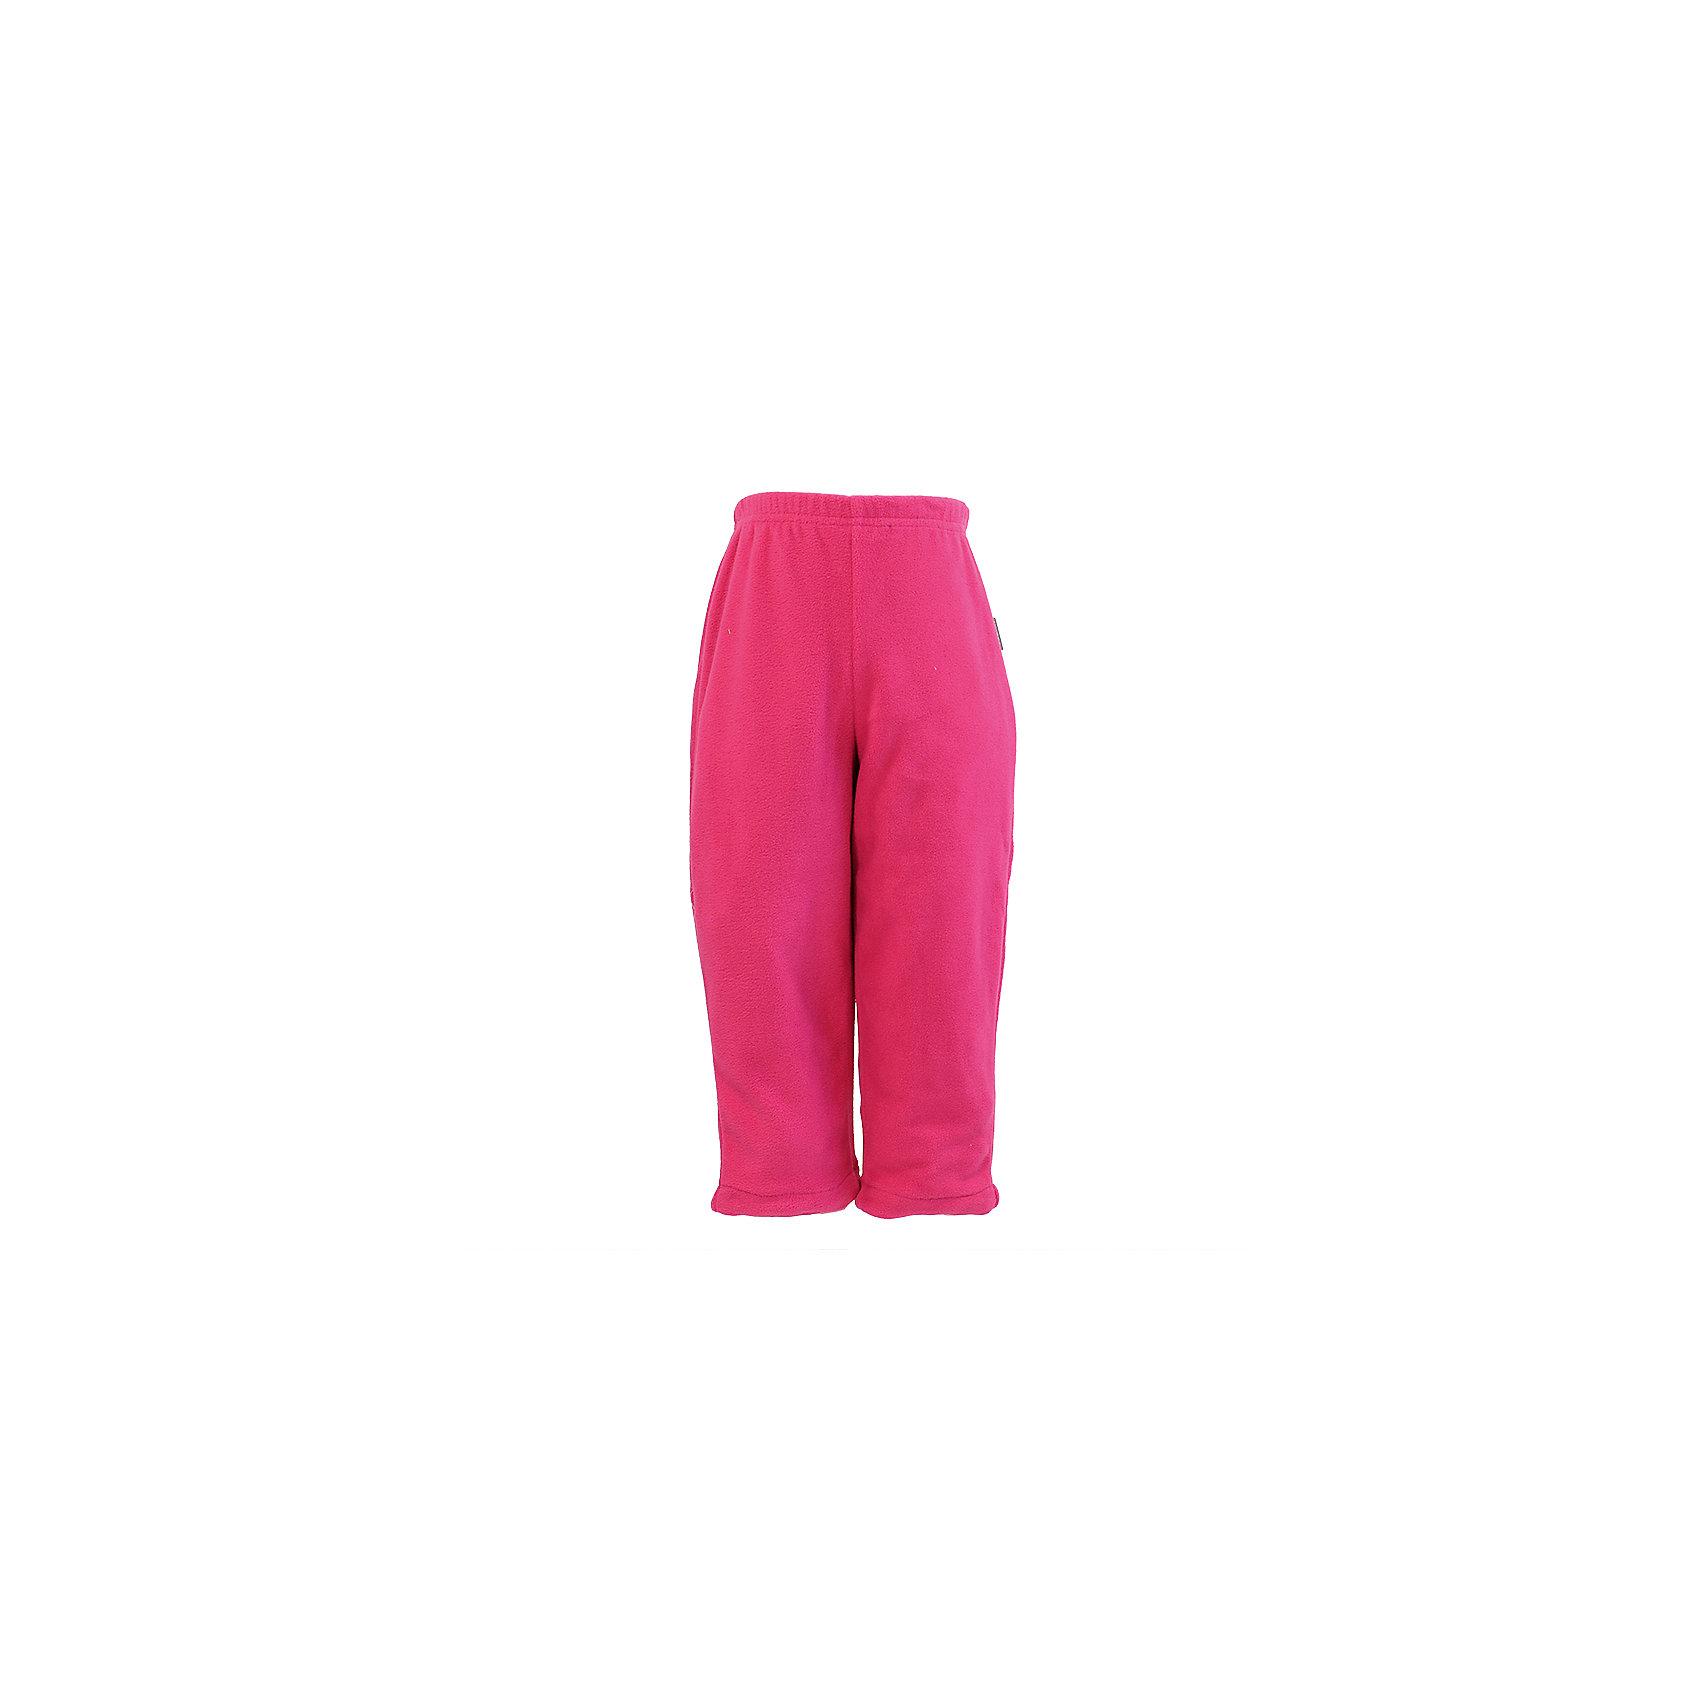 Брюки флисовые BILLY HuppaФлис и термобелье<br>Детский флисовыe штаны BILLY. Легкий и теплый флис, прекрассно подойдут для повседневного ношения в качестве поддевы под одежду, так и для домашнего использования .<br>Состав:<br>100% Полиэстер<br><br>Ширина мм: 215<br>Глубина мм: 88<br>Высота мм: 191<br>Вес г: 336<br>Цвет: фуксия<br>Возраст от месяцев: 72<br>Возраст до месяцев: 84<br>Пол: Унисекс<br>Возраст: Детский<br>Размер: 122,80,86,92<br>SKU: 7027722